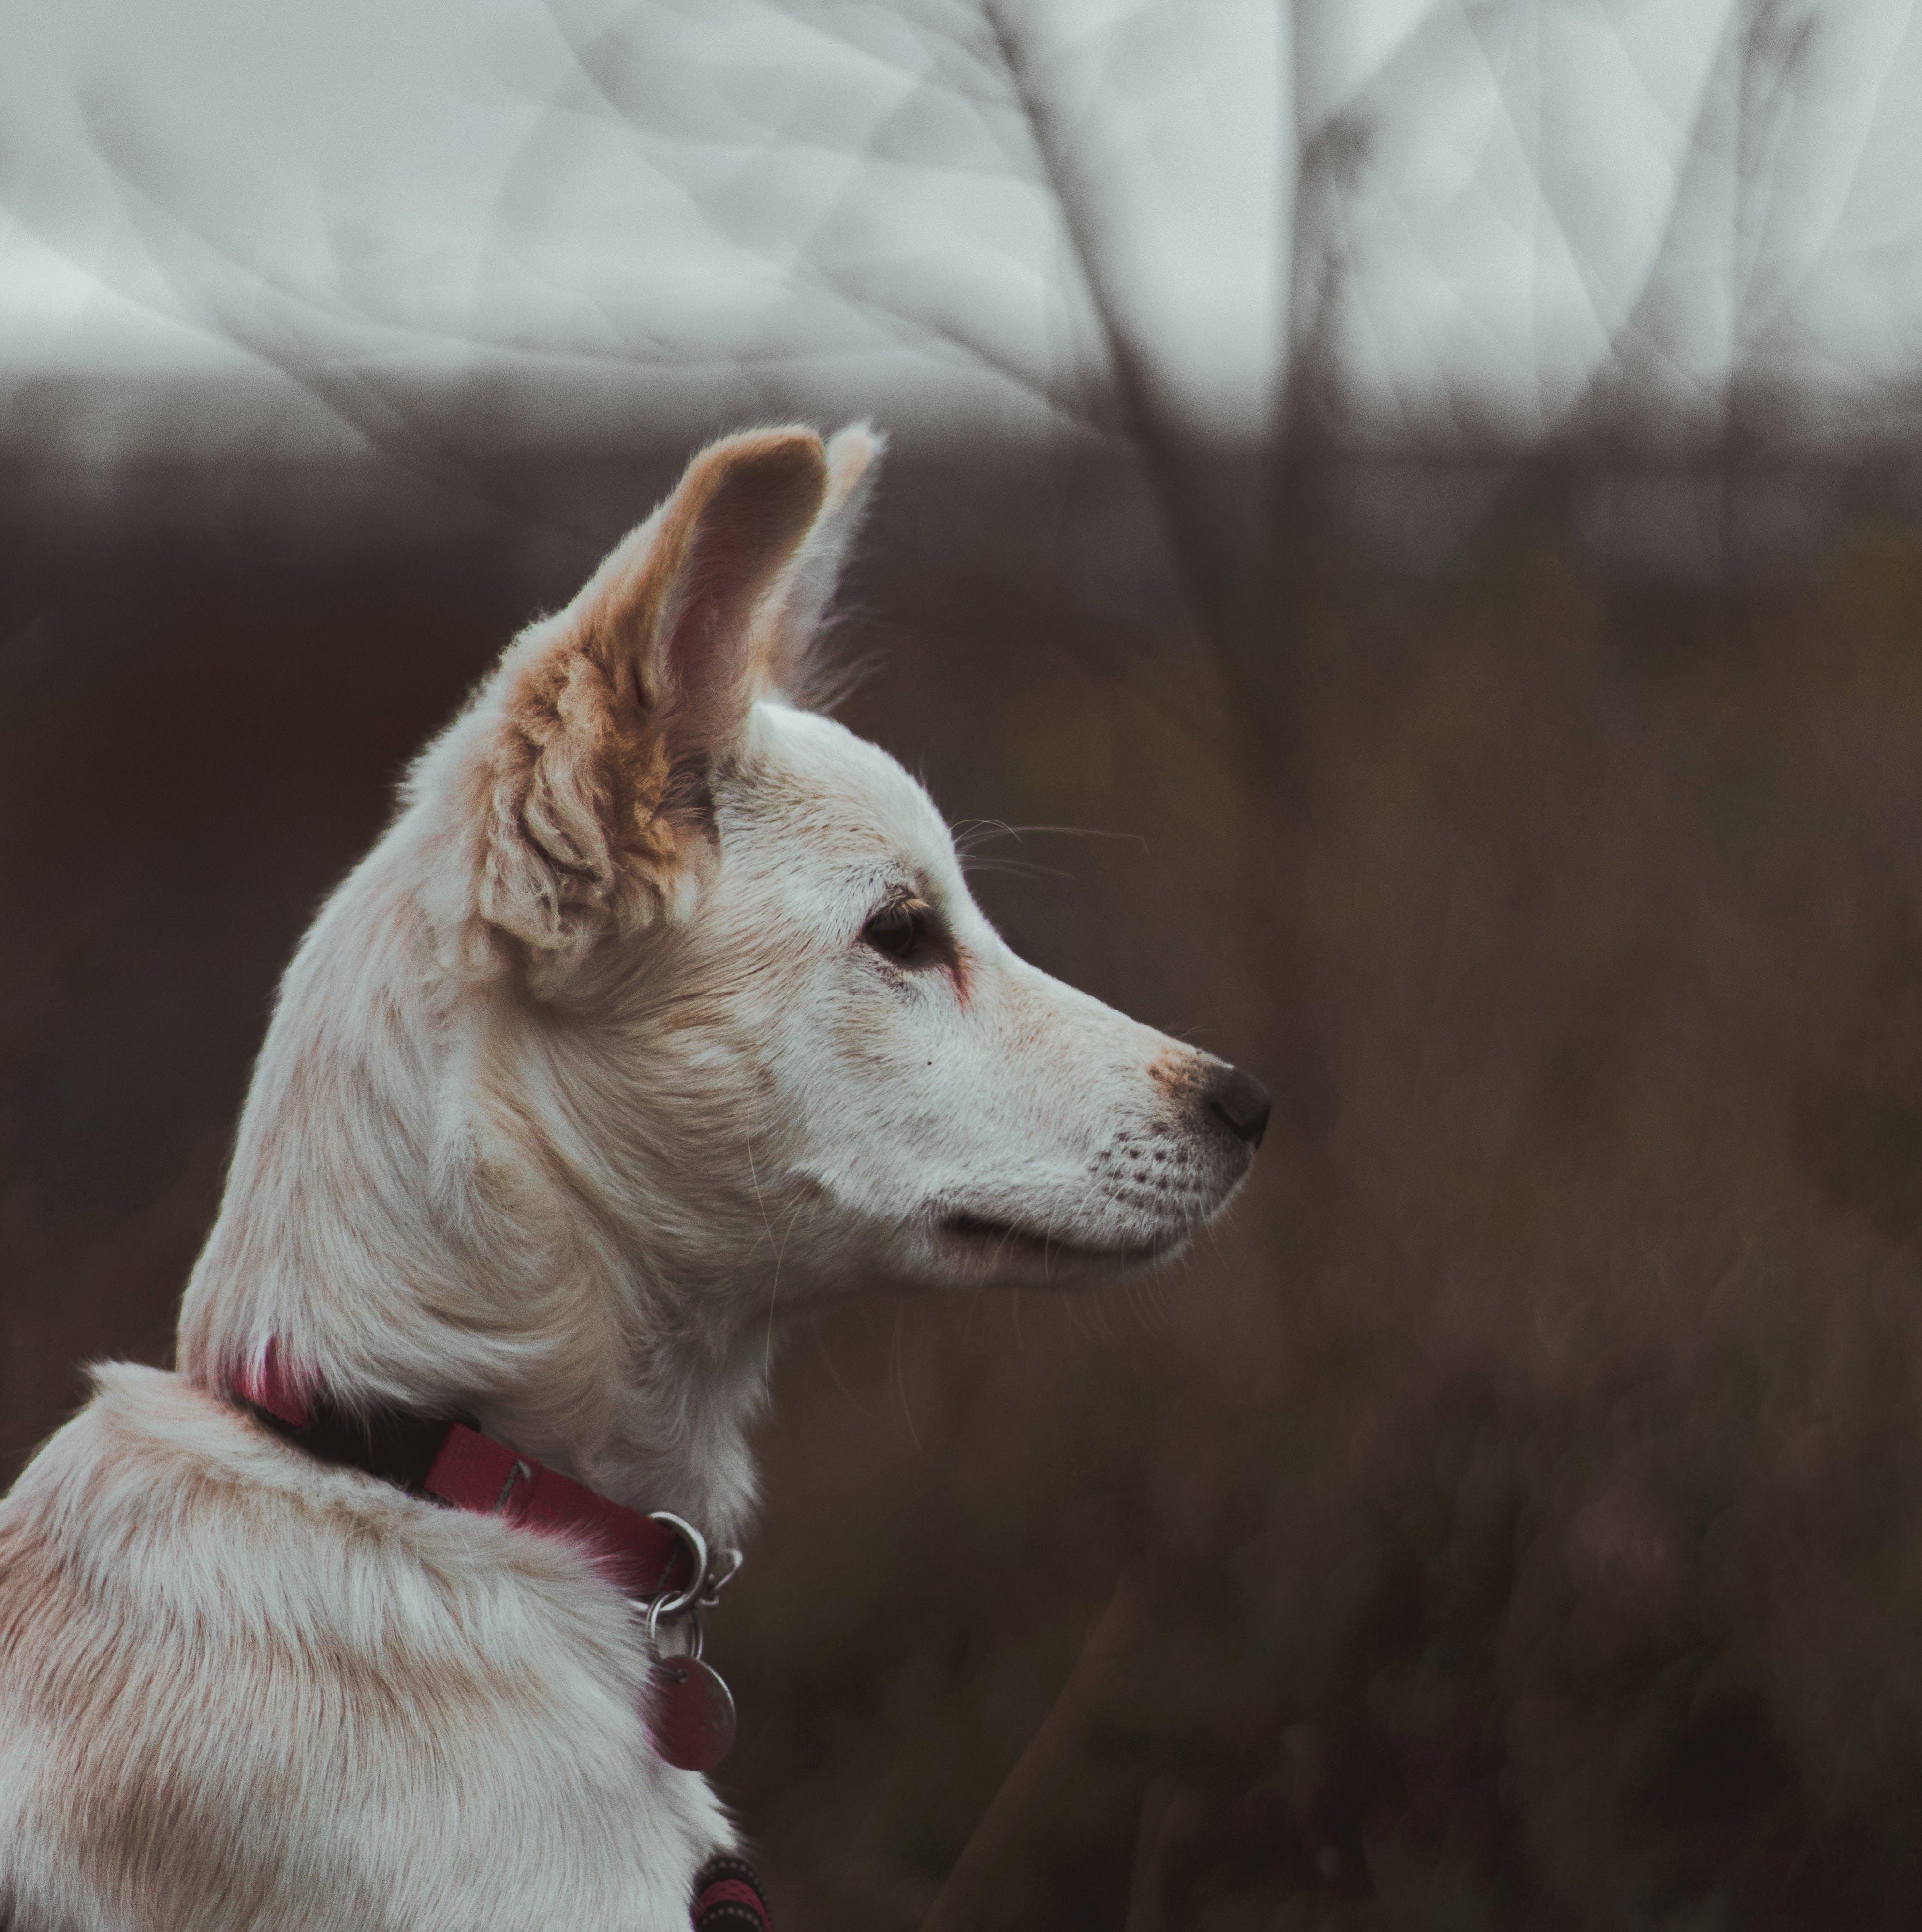 Close-up Photo of White Dog